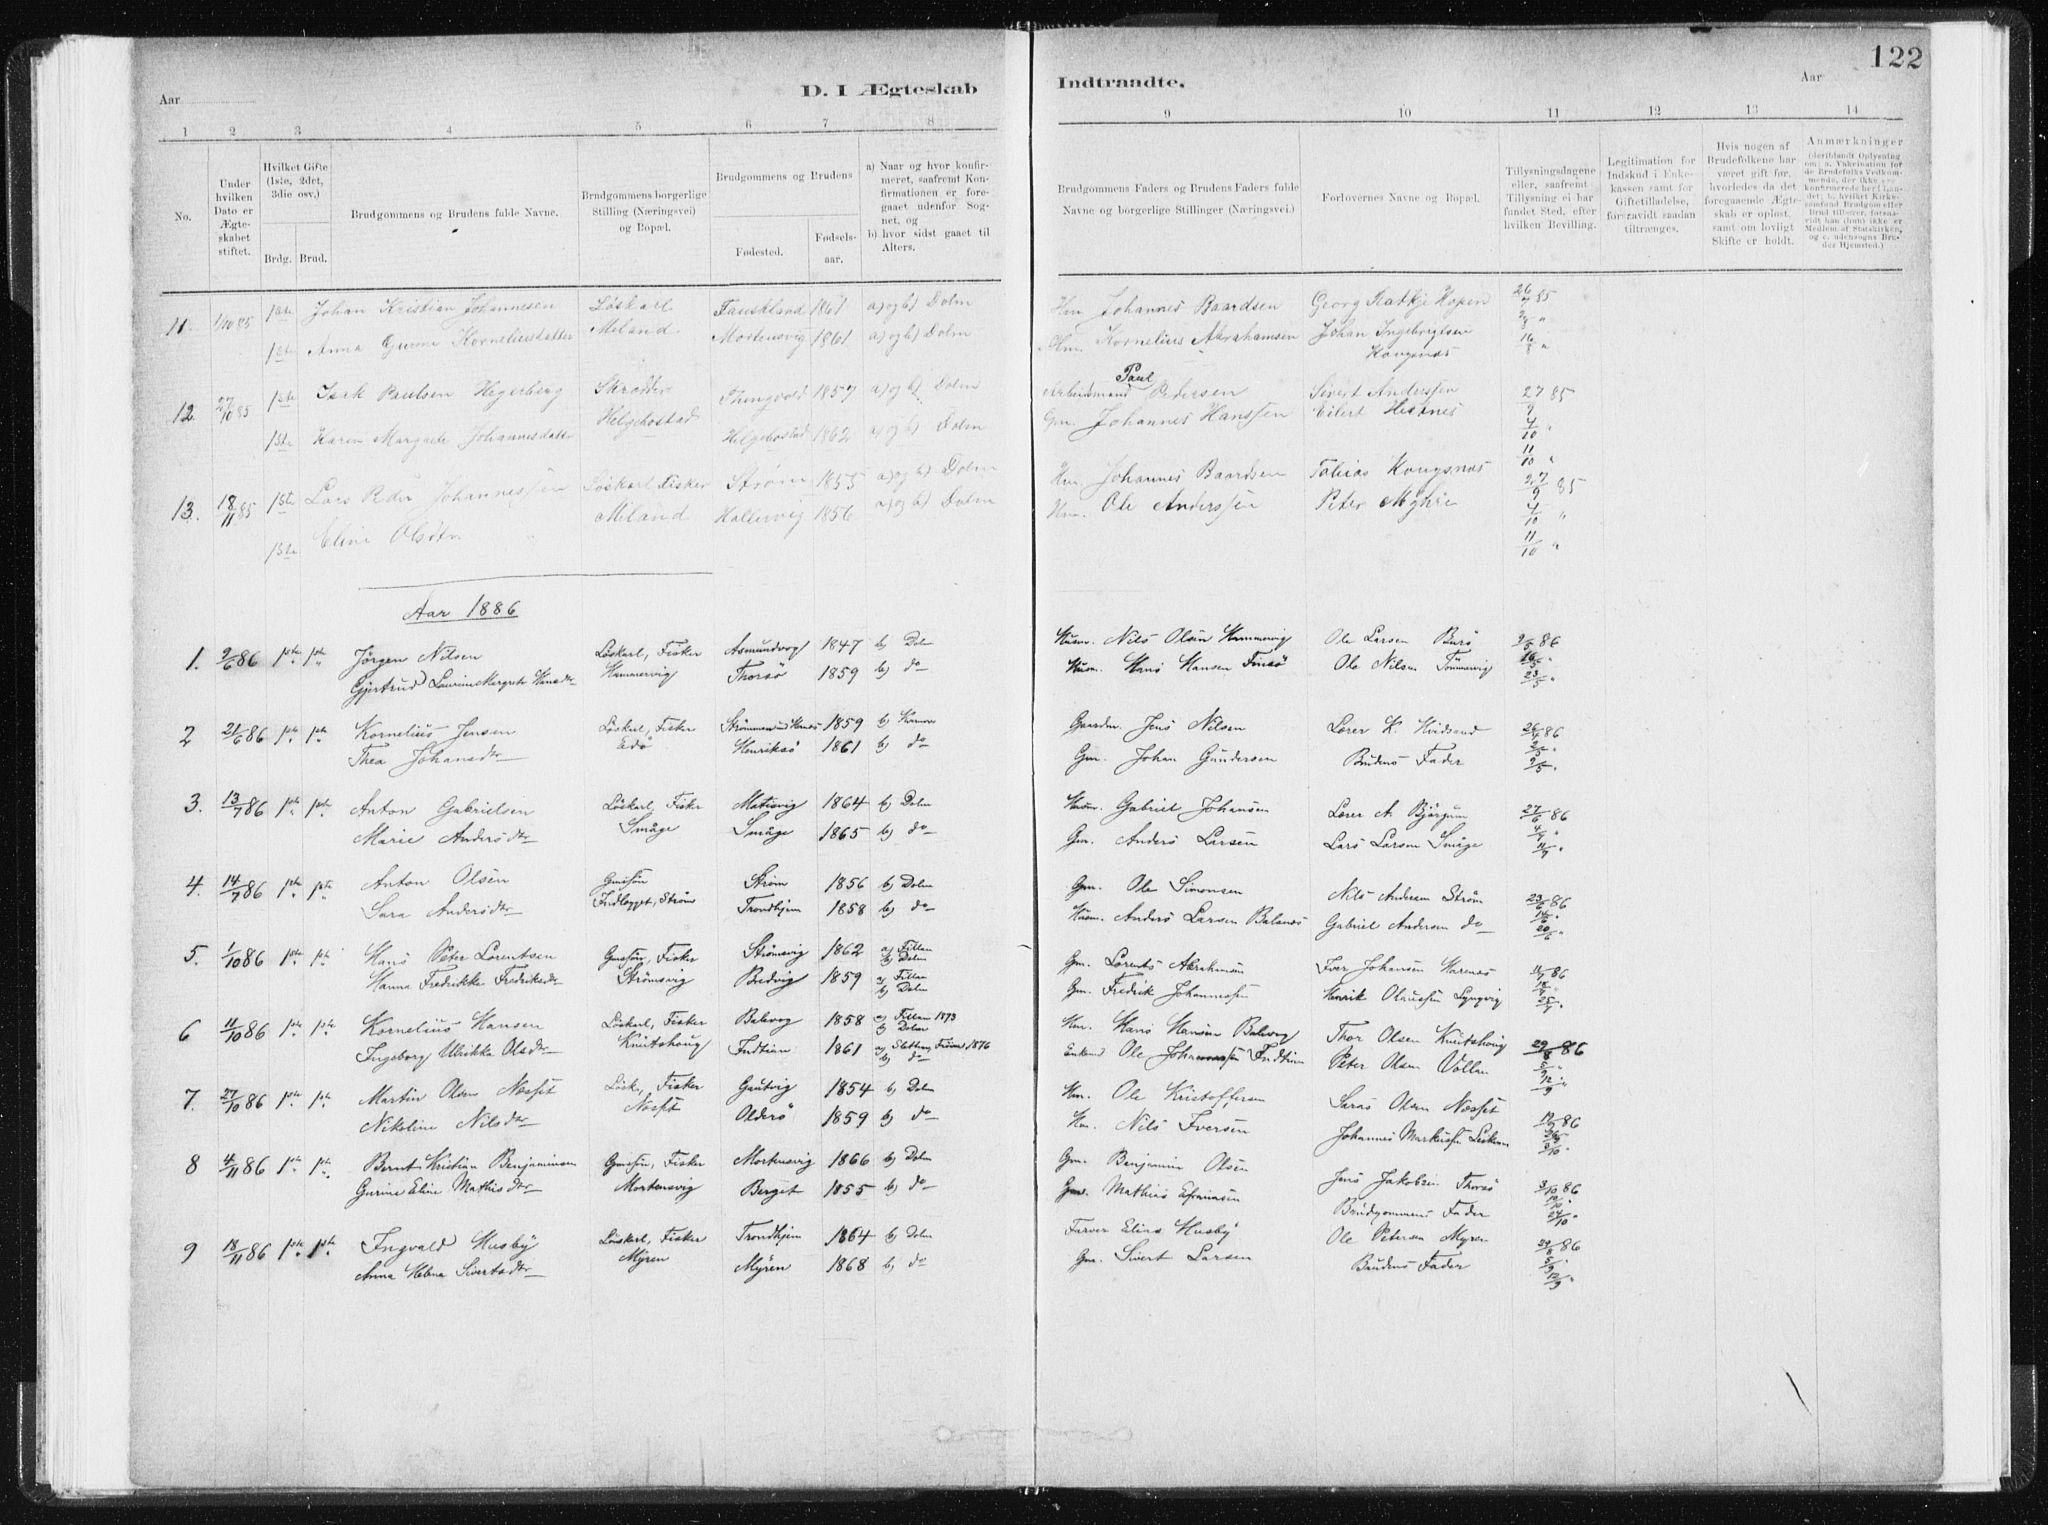 SAT, Ministerialprotokoller, klokkerbøker og fødselsregistre - Sør-Trøndelag, 634/L0533: Ministerialbok nr. 634A09, 1882-1901, s. 122